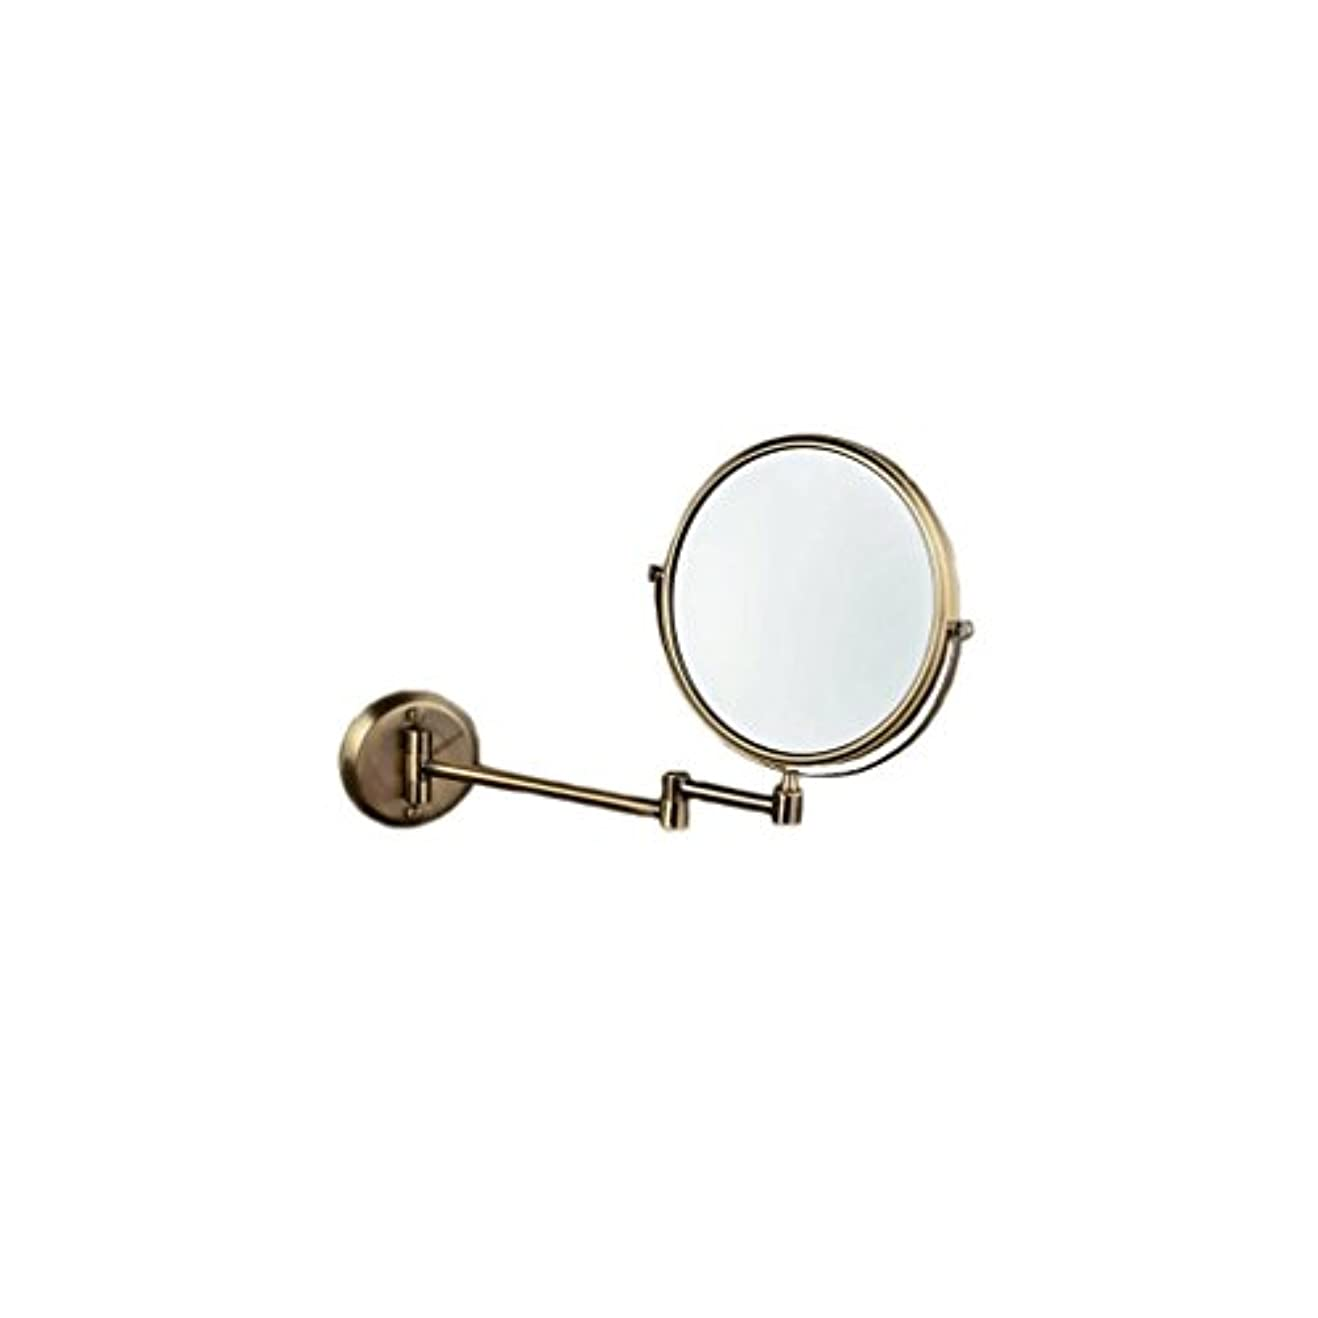 逸脱ピラミッド祝福JTWJ グリーンブロンズ壁掛け美容ミラー浴室壁掛けミラー格納式化粧鏡レトロミラー